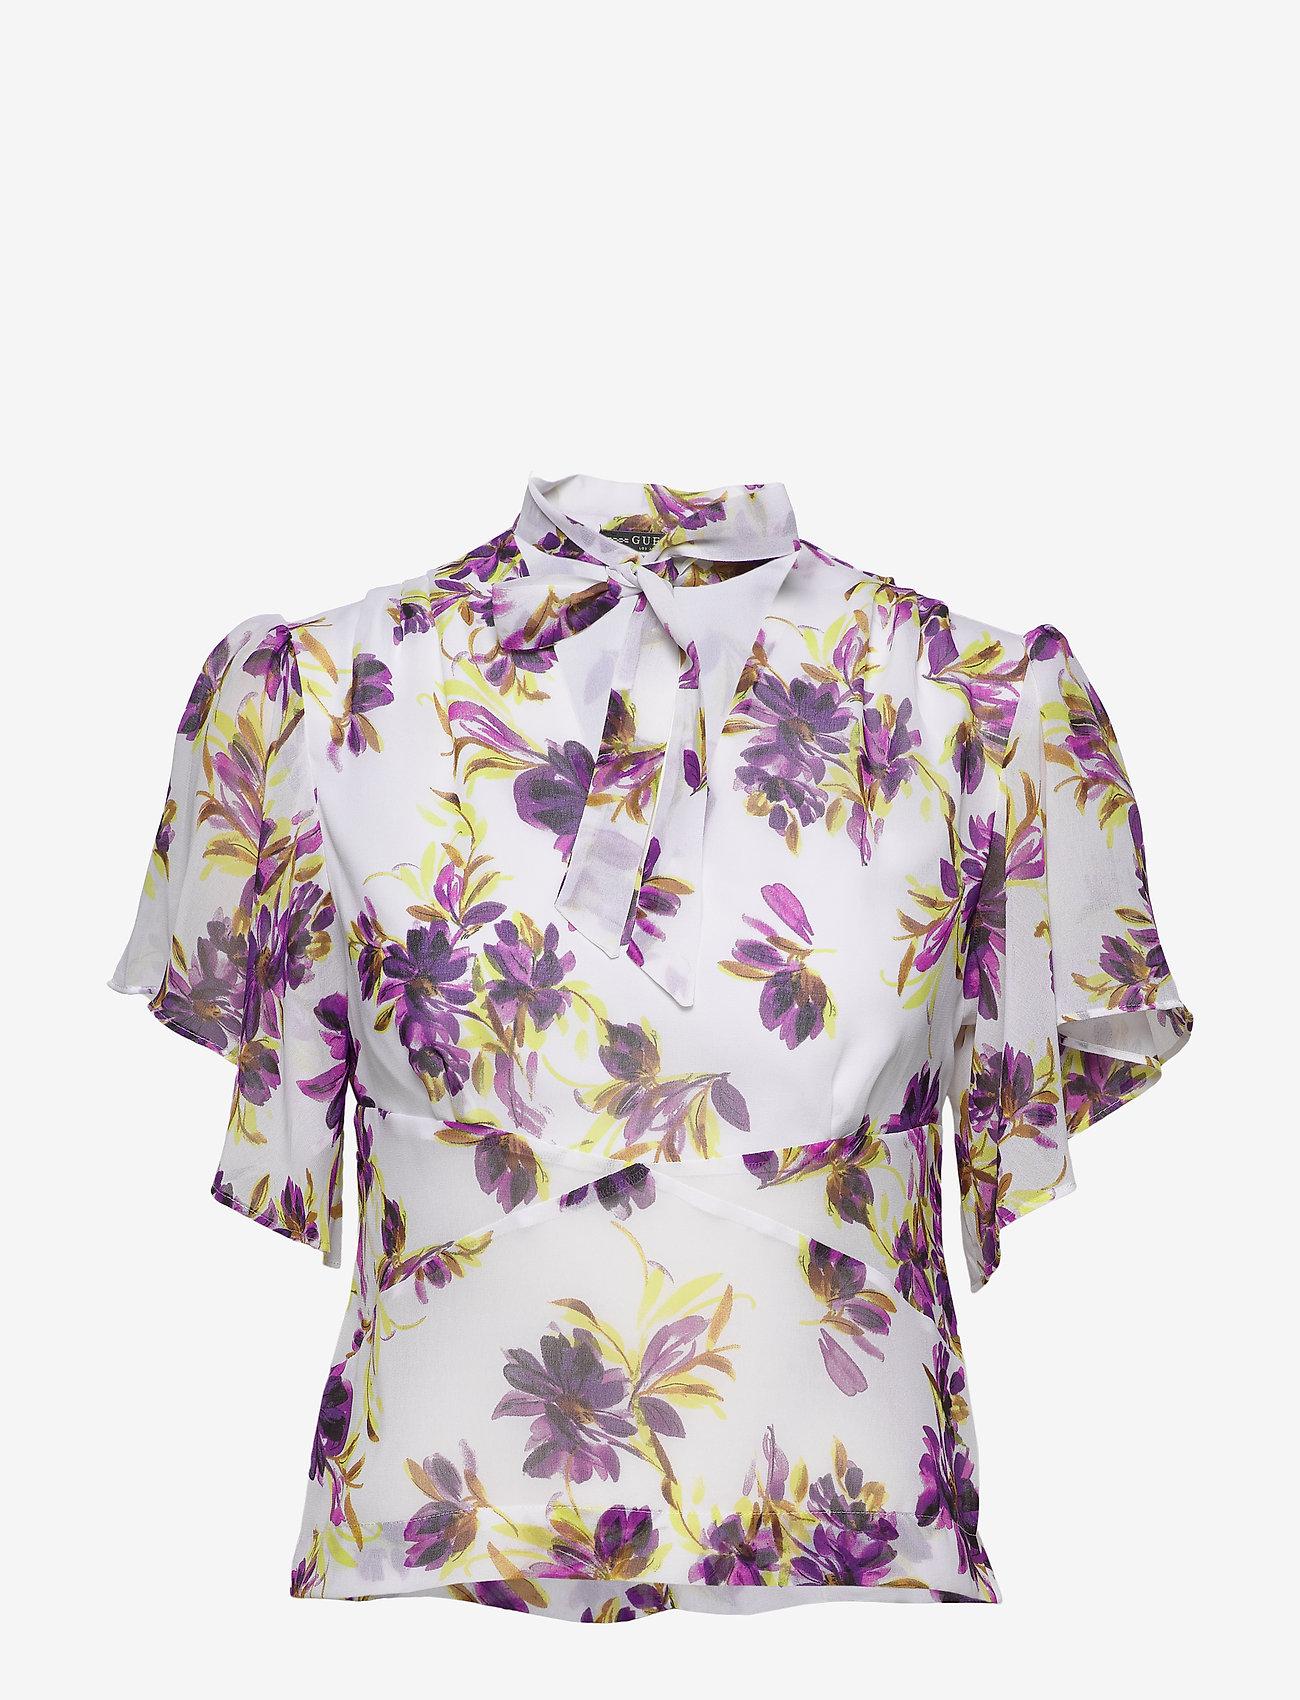 GUESS Jeans SS CHRYSTAL TOP - Bluzki & Koszule WATERCOLOR FLOWER - Kobiety Odzież.